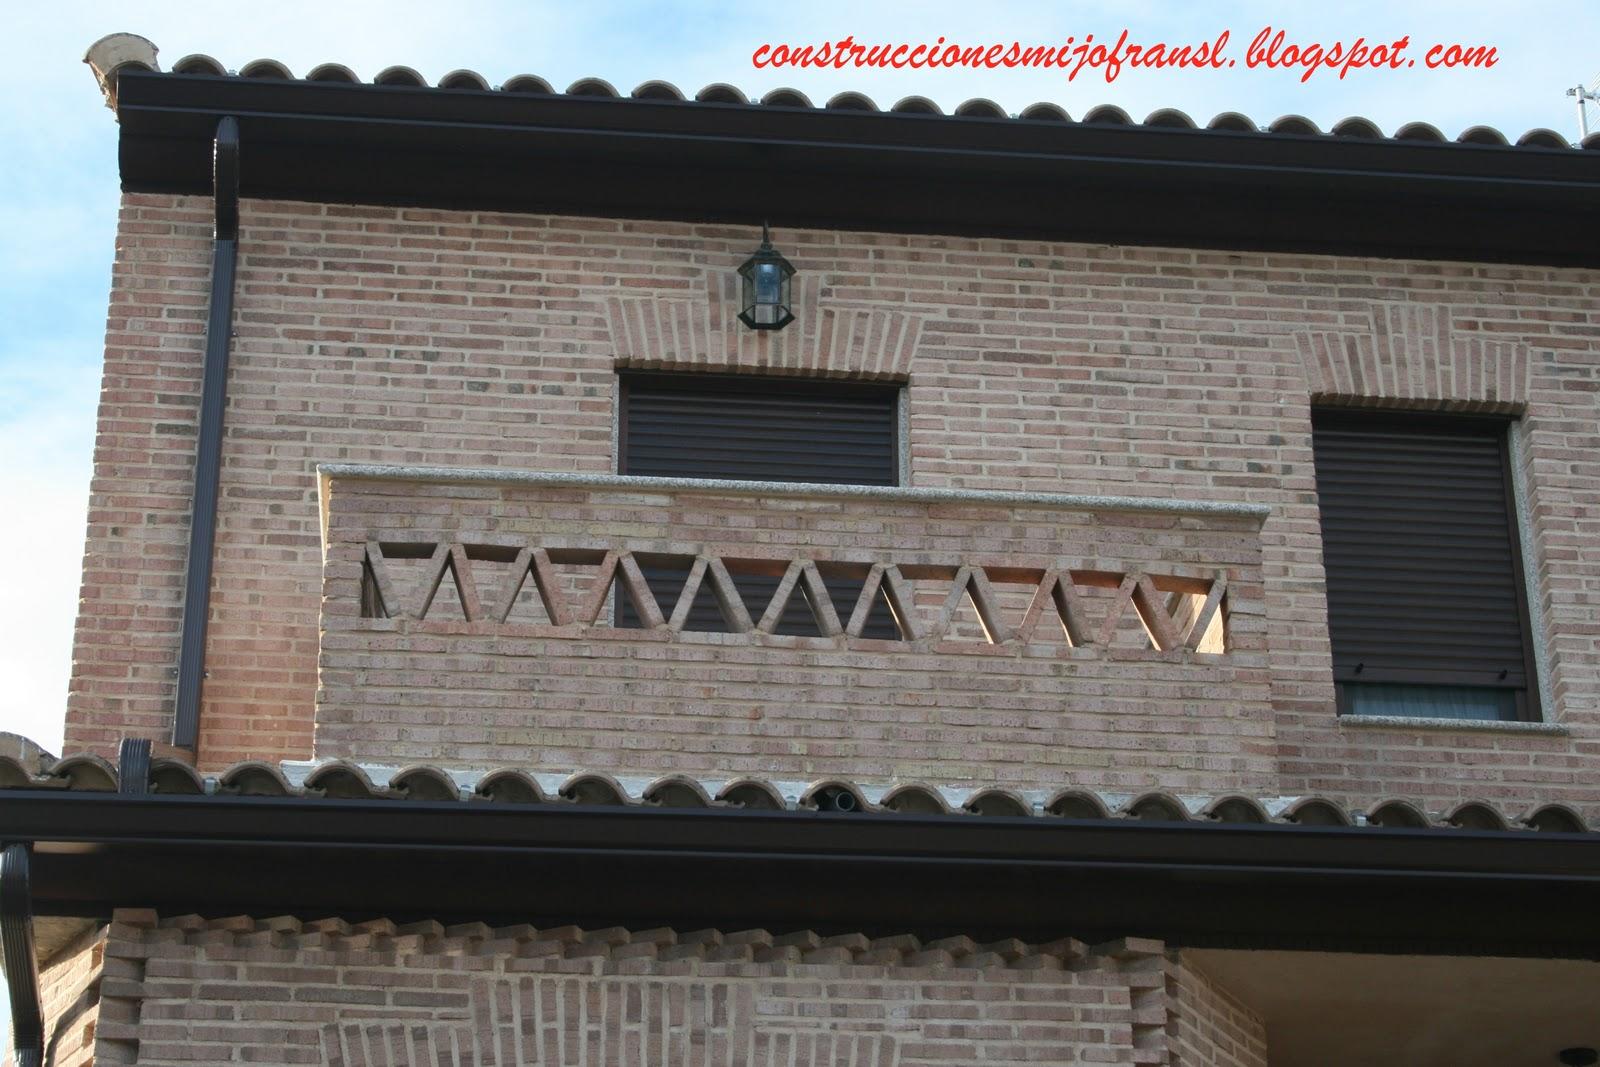 Construcciones mijofran s l casa de ladrillo envejecido for Casas de ladrillo visto fotos